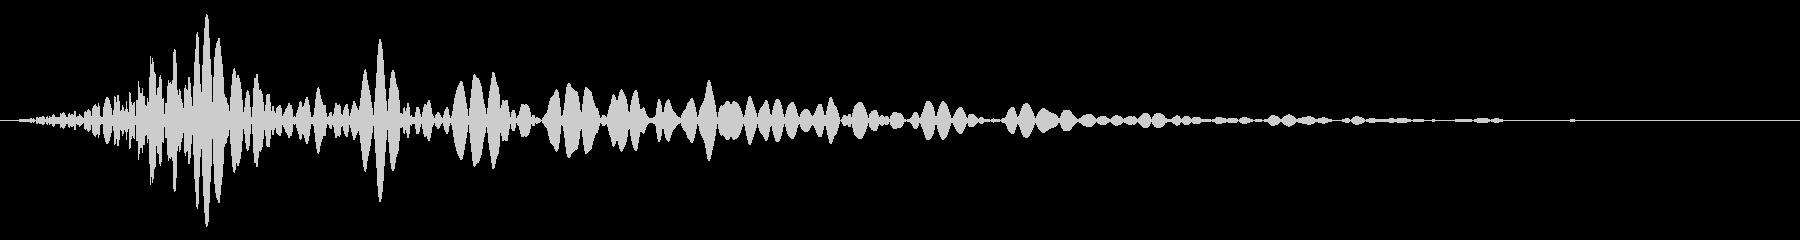 モーターキャニオン、サブヒットイン...の未再生の波形